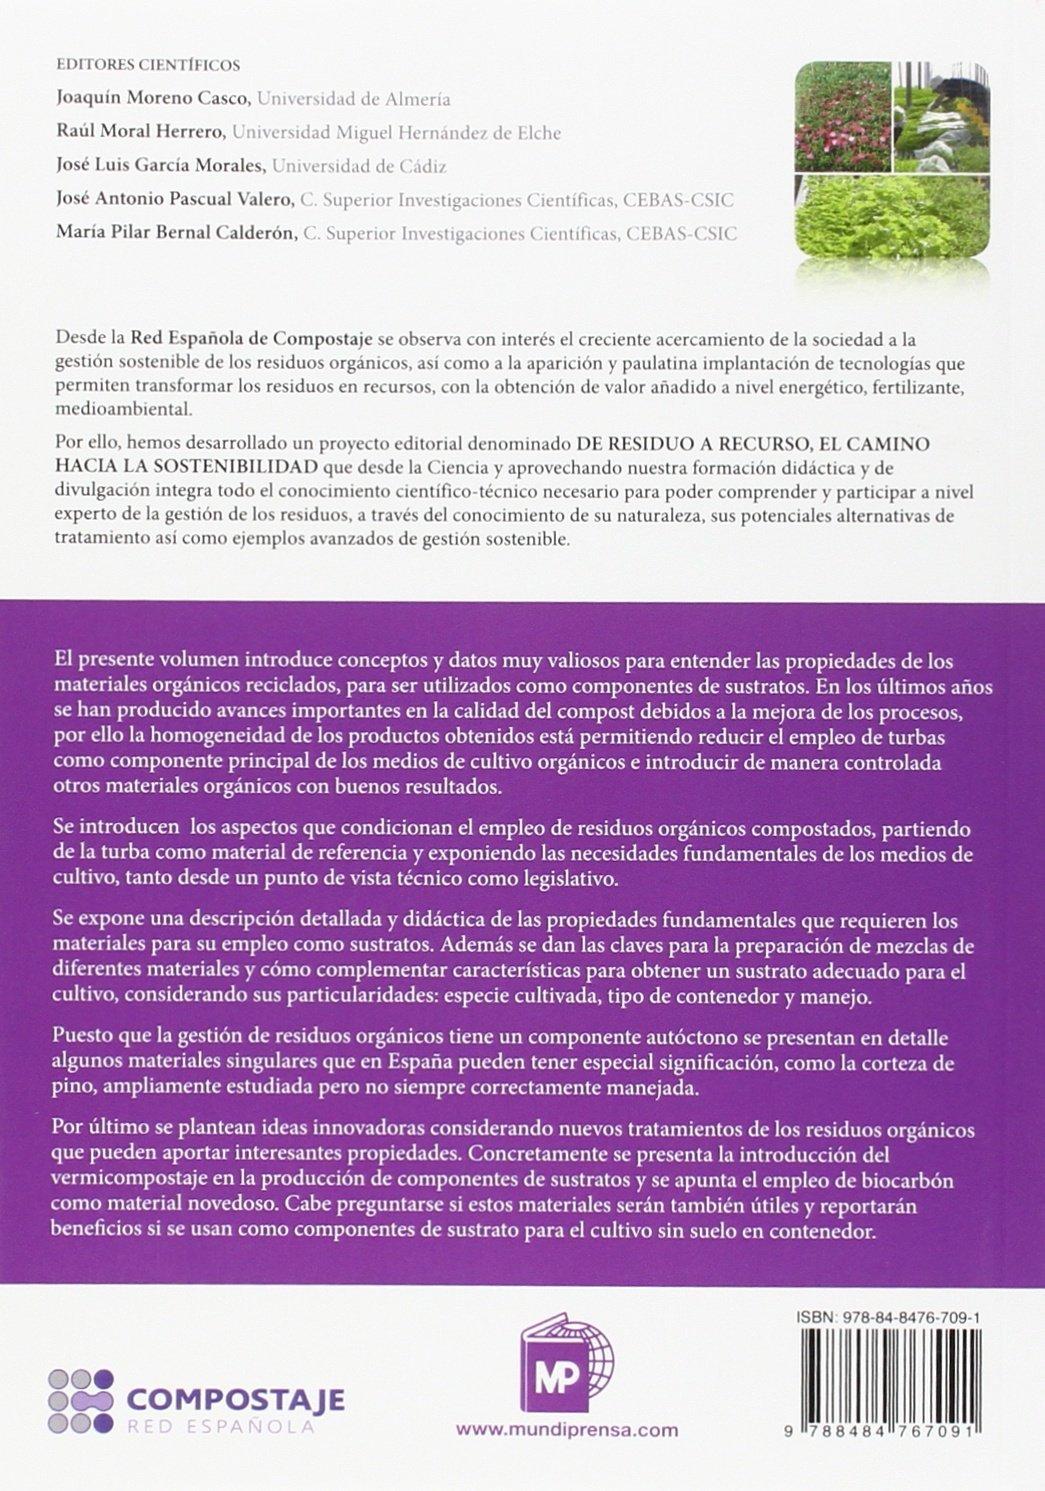 Uso del compost como componente de sustratos para cultivo en contenedor III.2: Amazon.es: RED ESPAÑOLA DE COMPOSTAJE: Libros